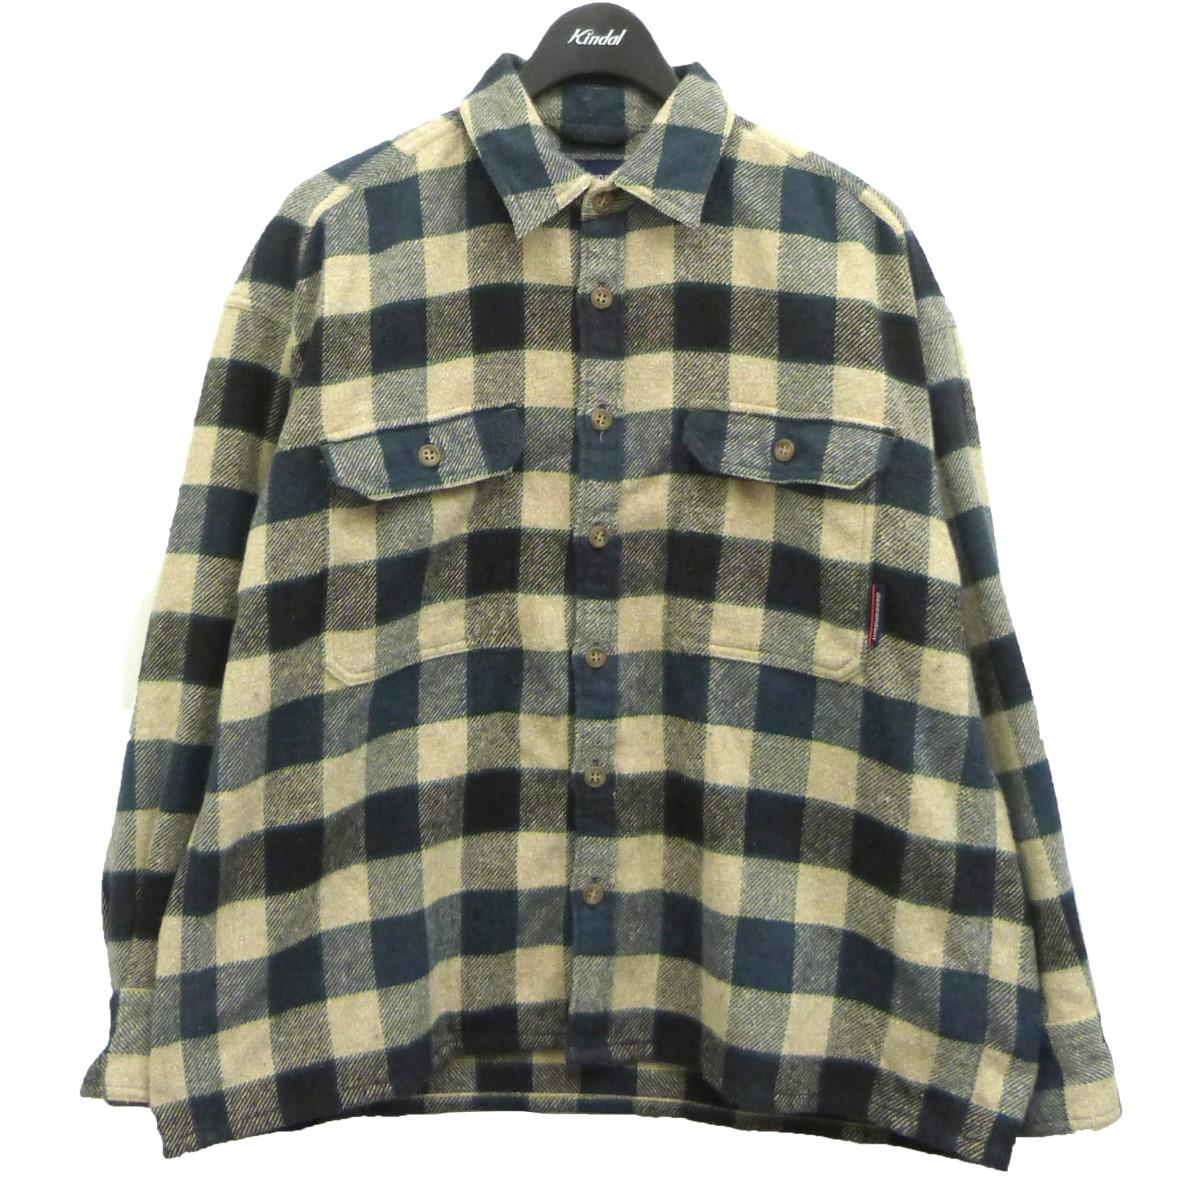 ディセンダント 中古 毎日がバーゲンセール DESCENDANT 20AW VANING CHECK ネイビー×ベージュ チェックシャツ サイズ:1 220121 SHIRT LS 登場大人気アイテム